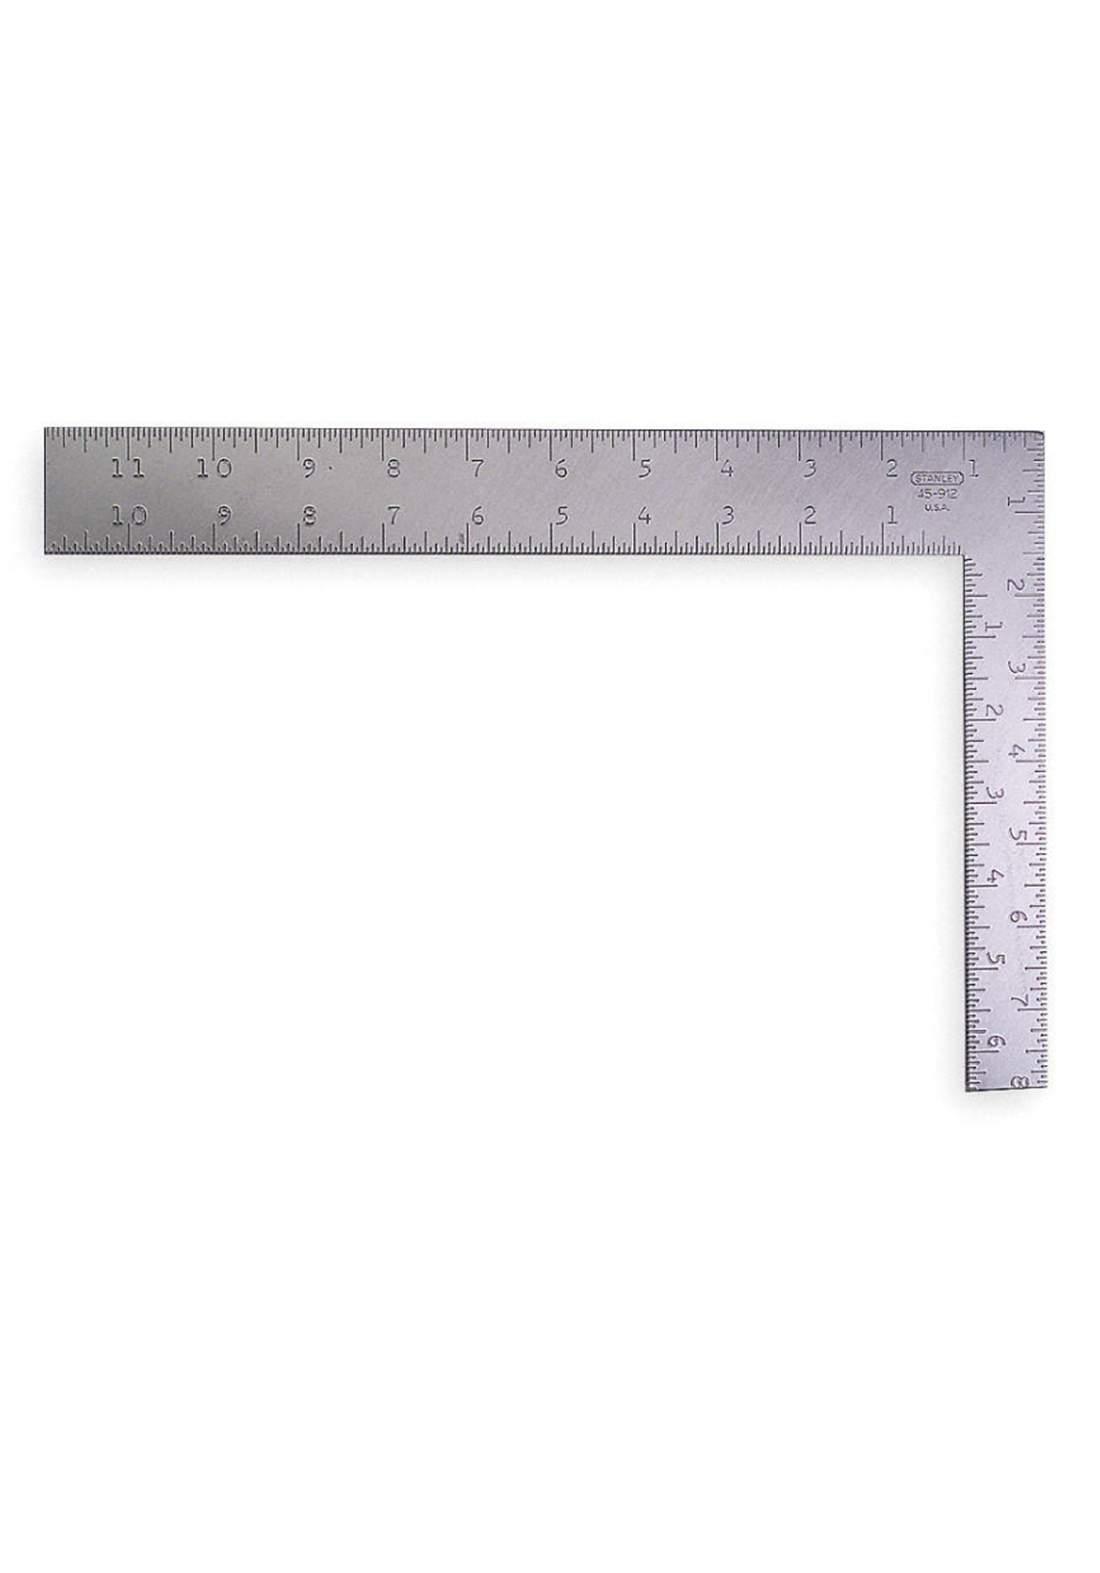 Stanley 45-912 Steel Square Aluminum Handle 12x8 Metric Imperial كونيه